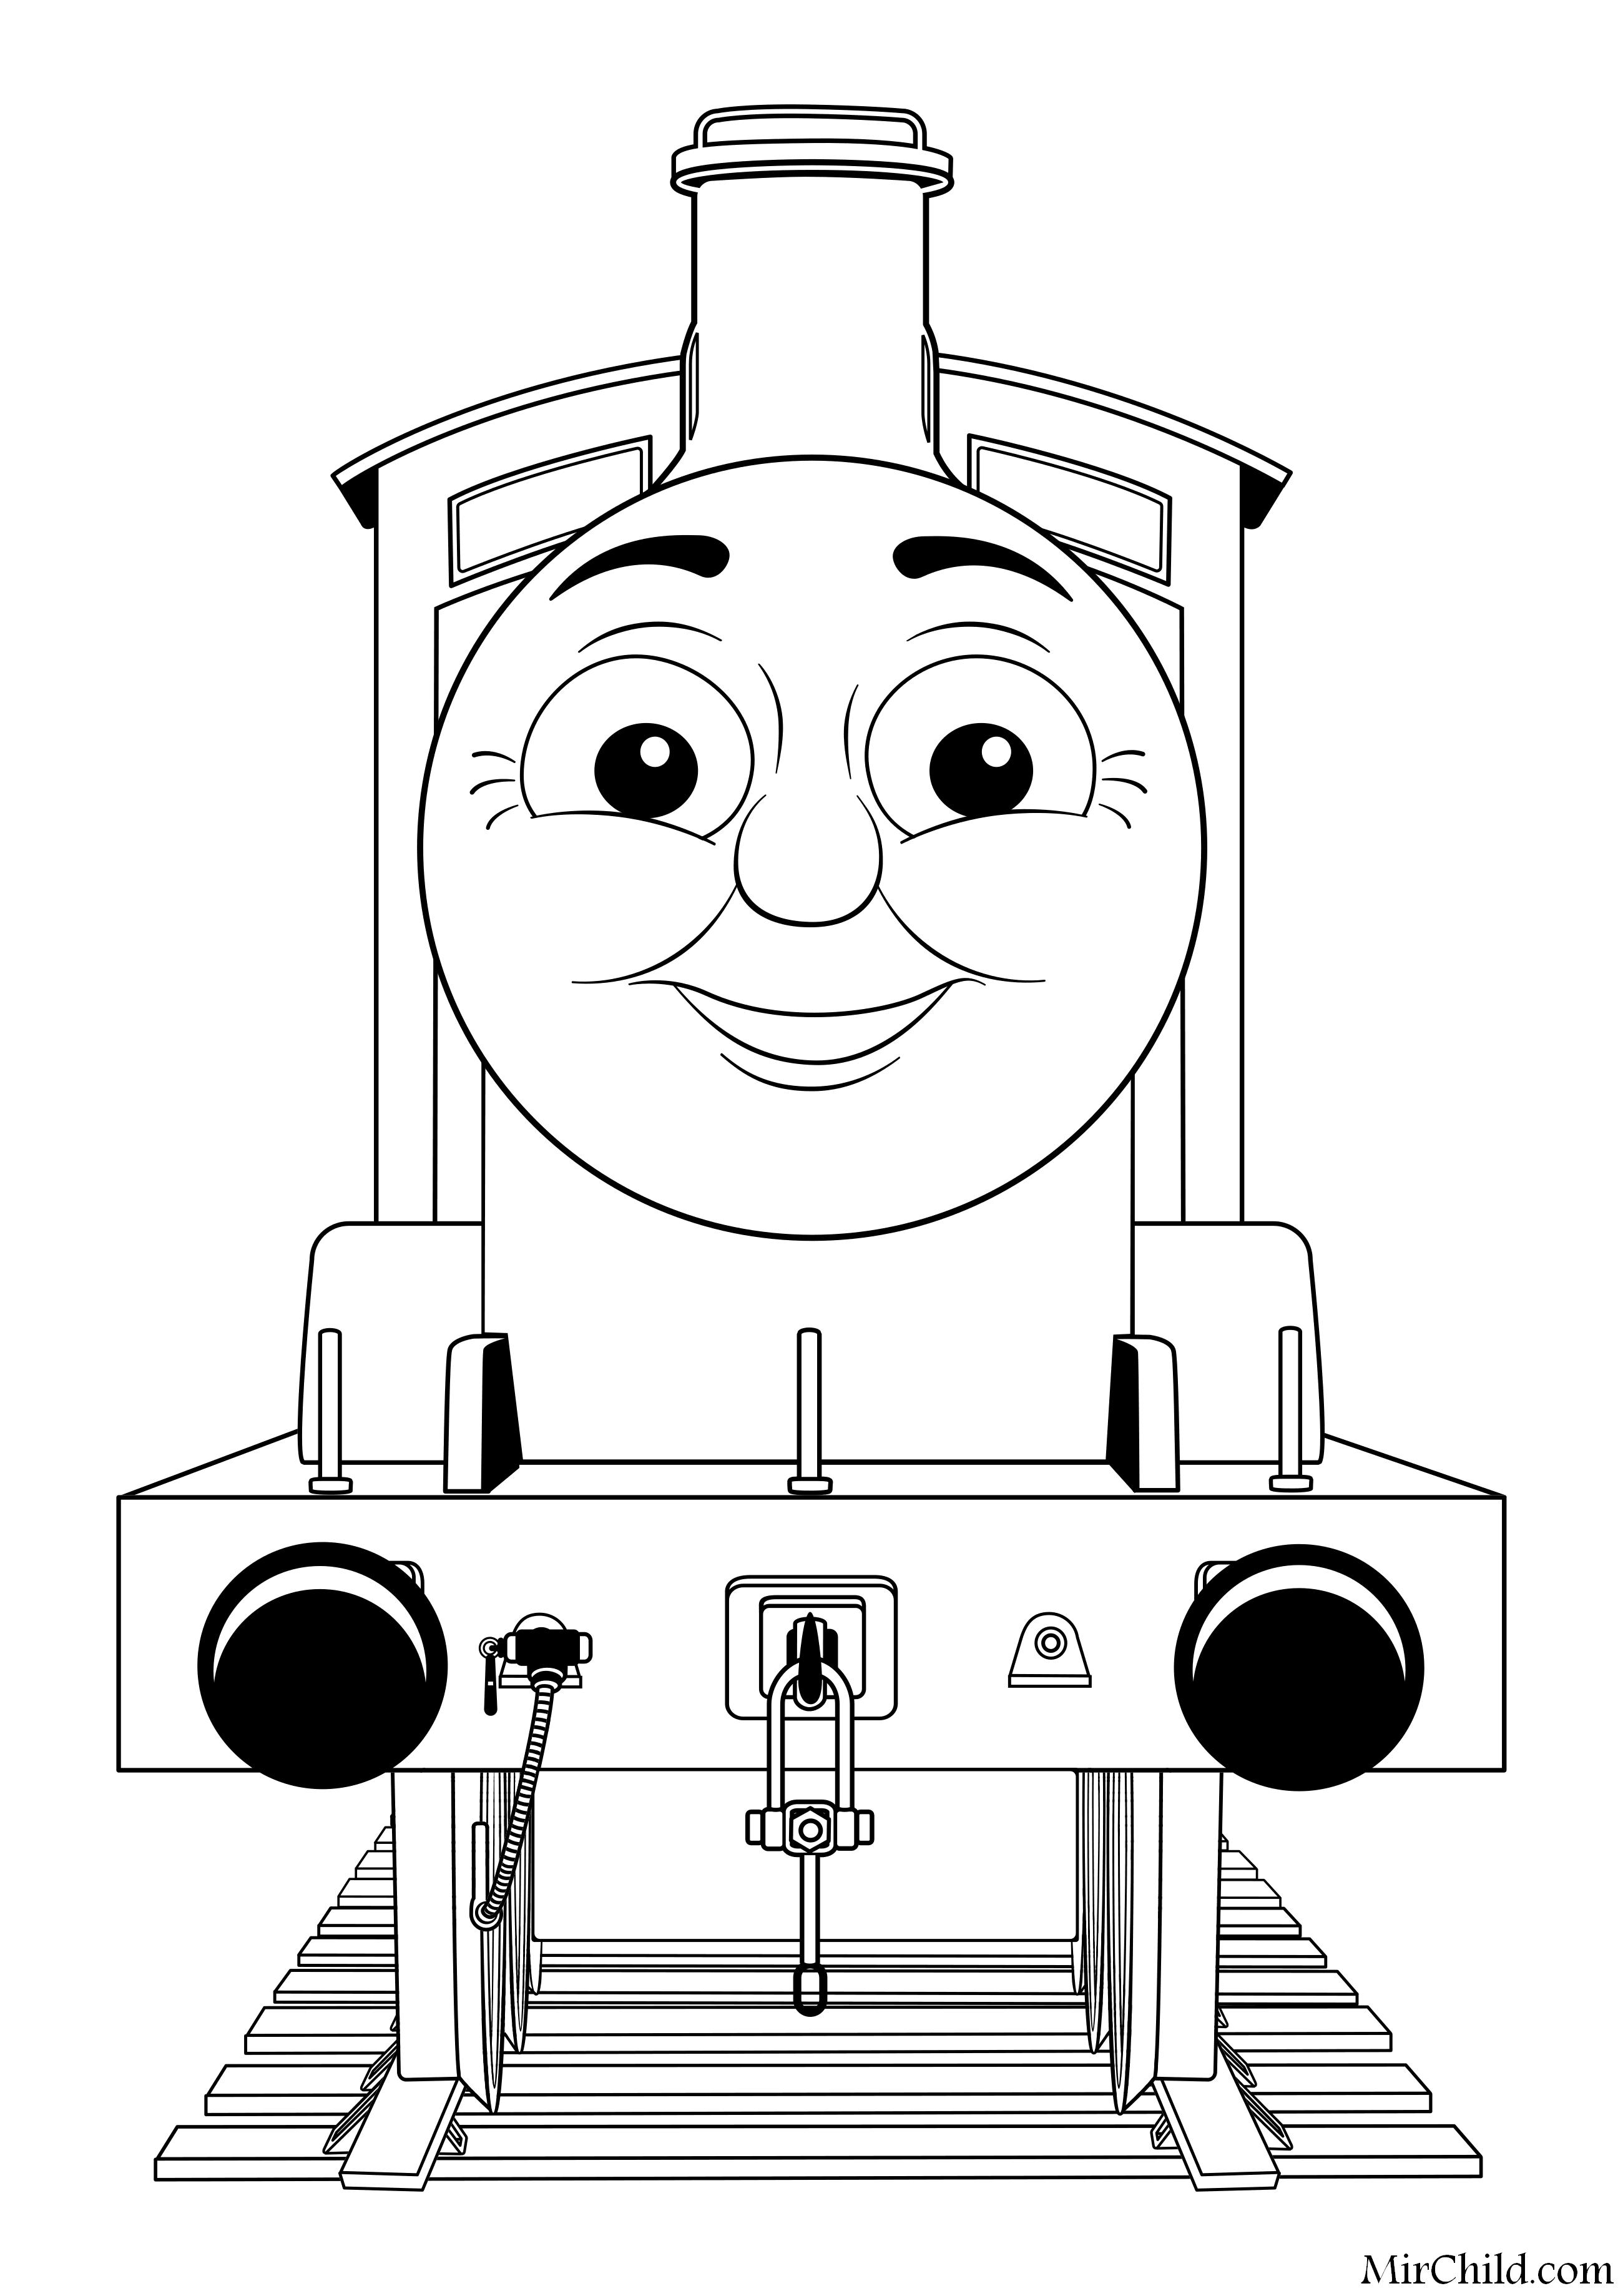 Раскраска - Томас и его друзья - Джеймс | MirChild